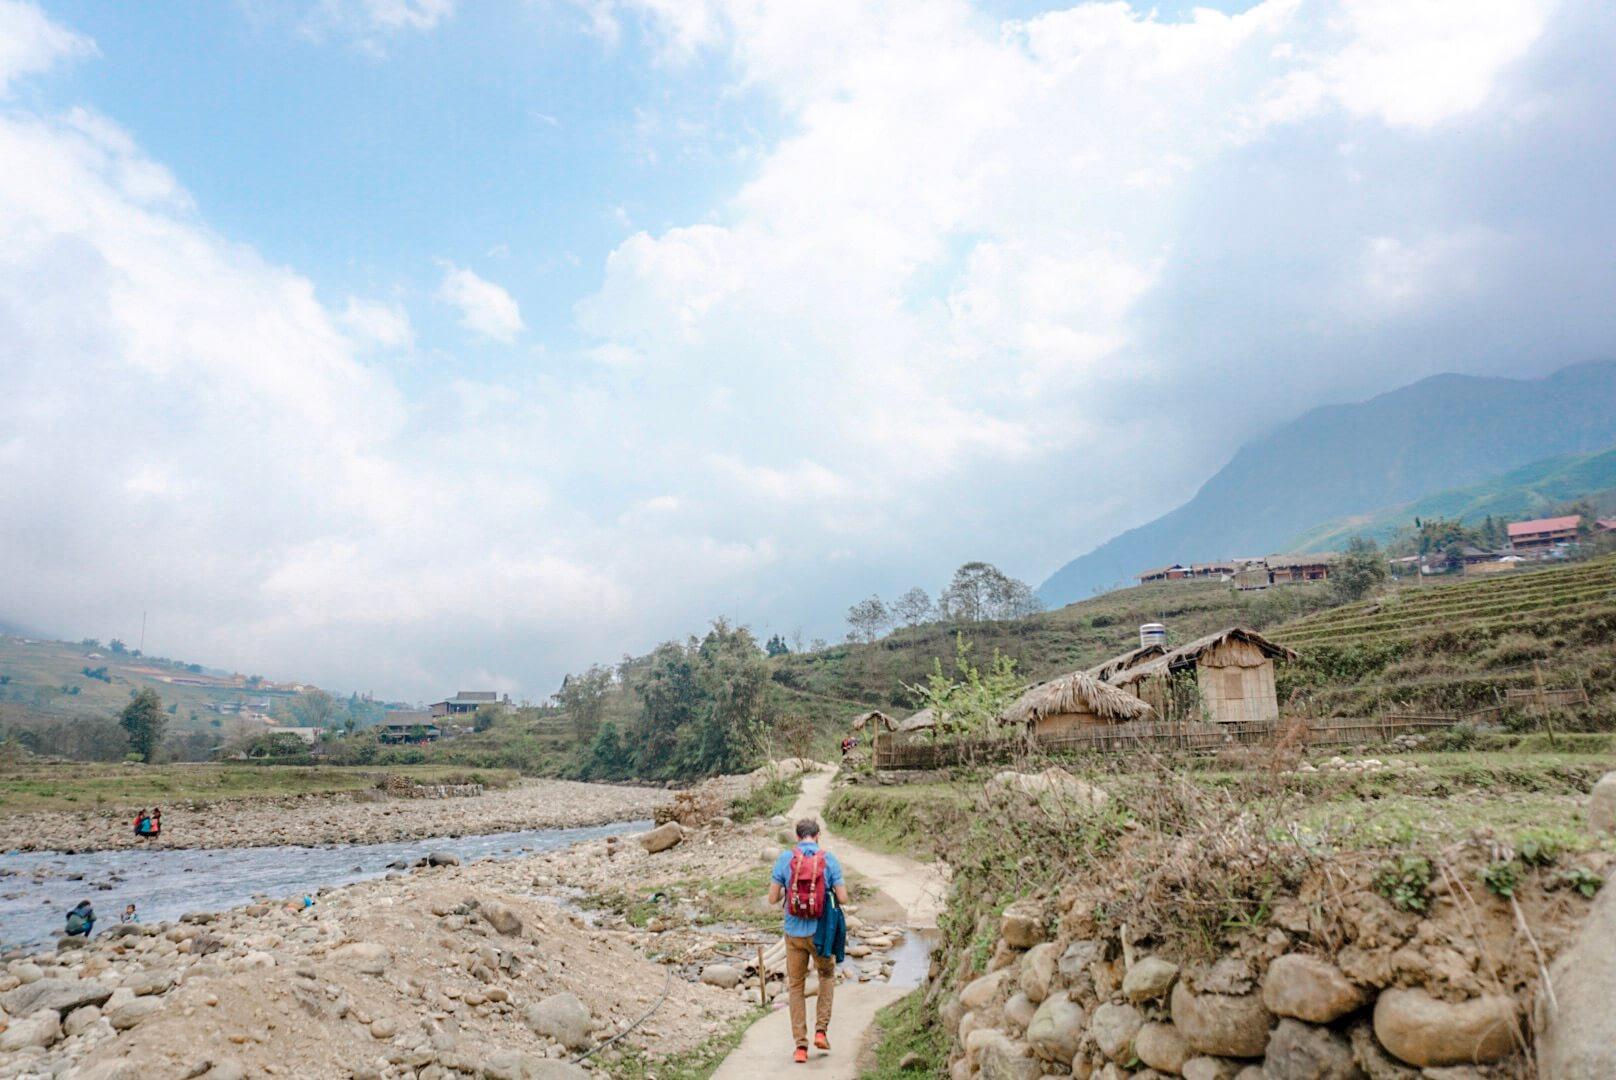 randonnée nord vietnam riziere sapa tavan